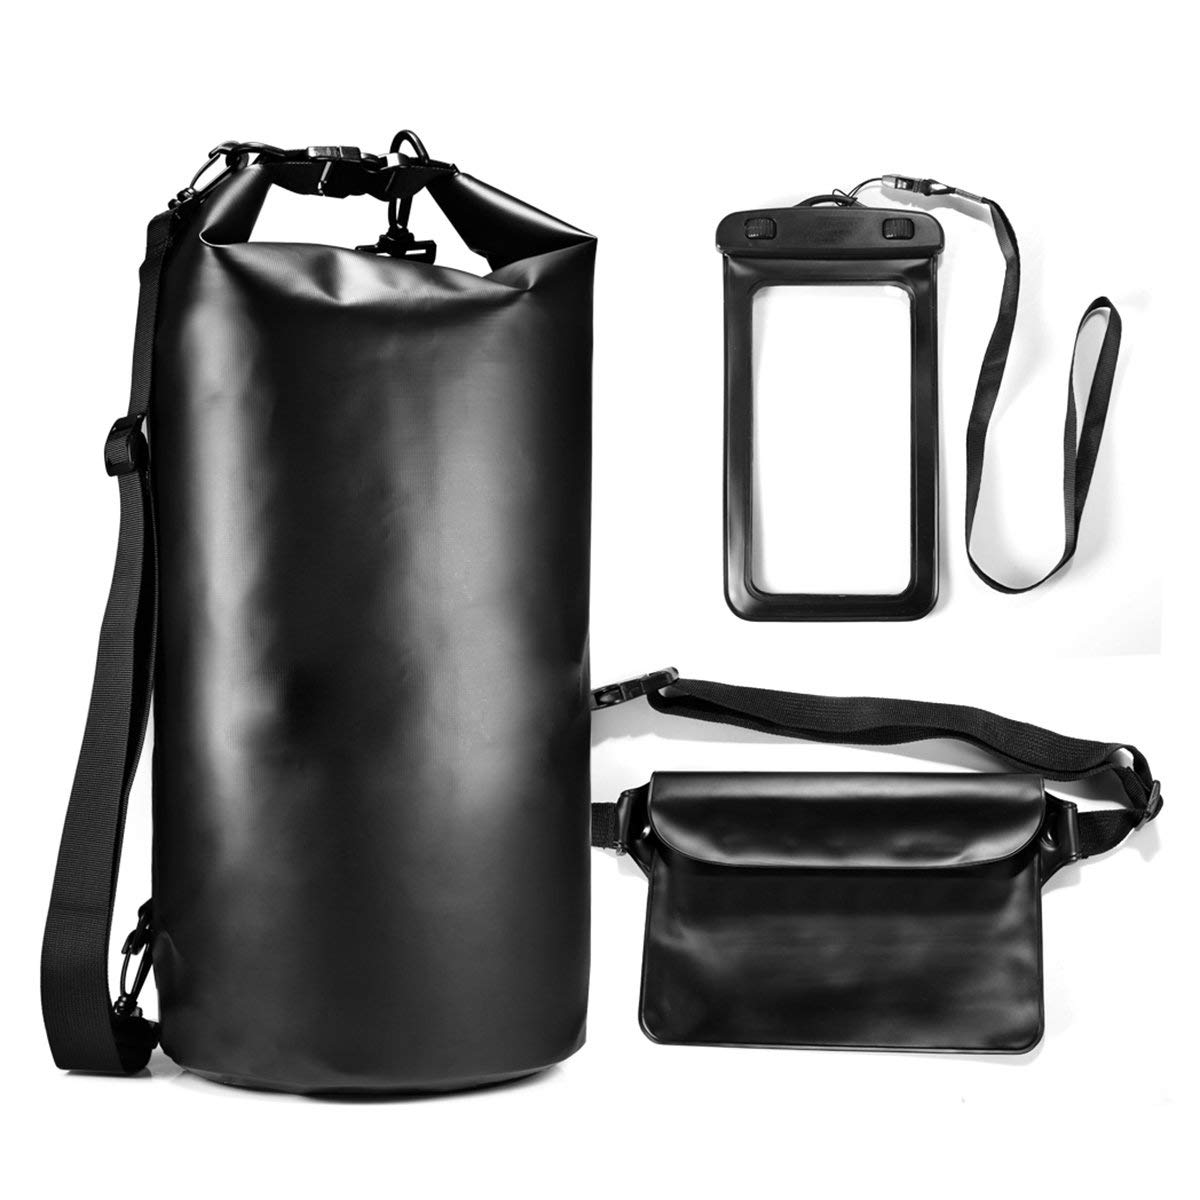 WINOMO 20L Multifunctional Bucket Bag Suit Outdoor Camping Swimming Rafting PVC Waterproof Dry Bag with Waist Bag Phone Waterproof Bag (Black)